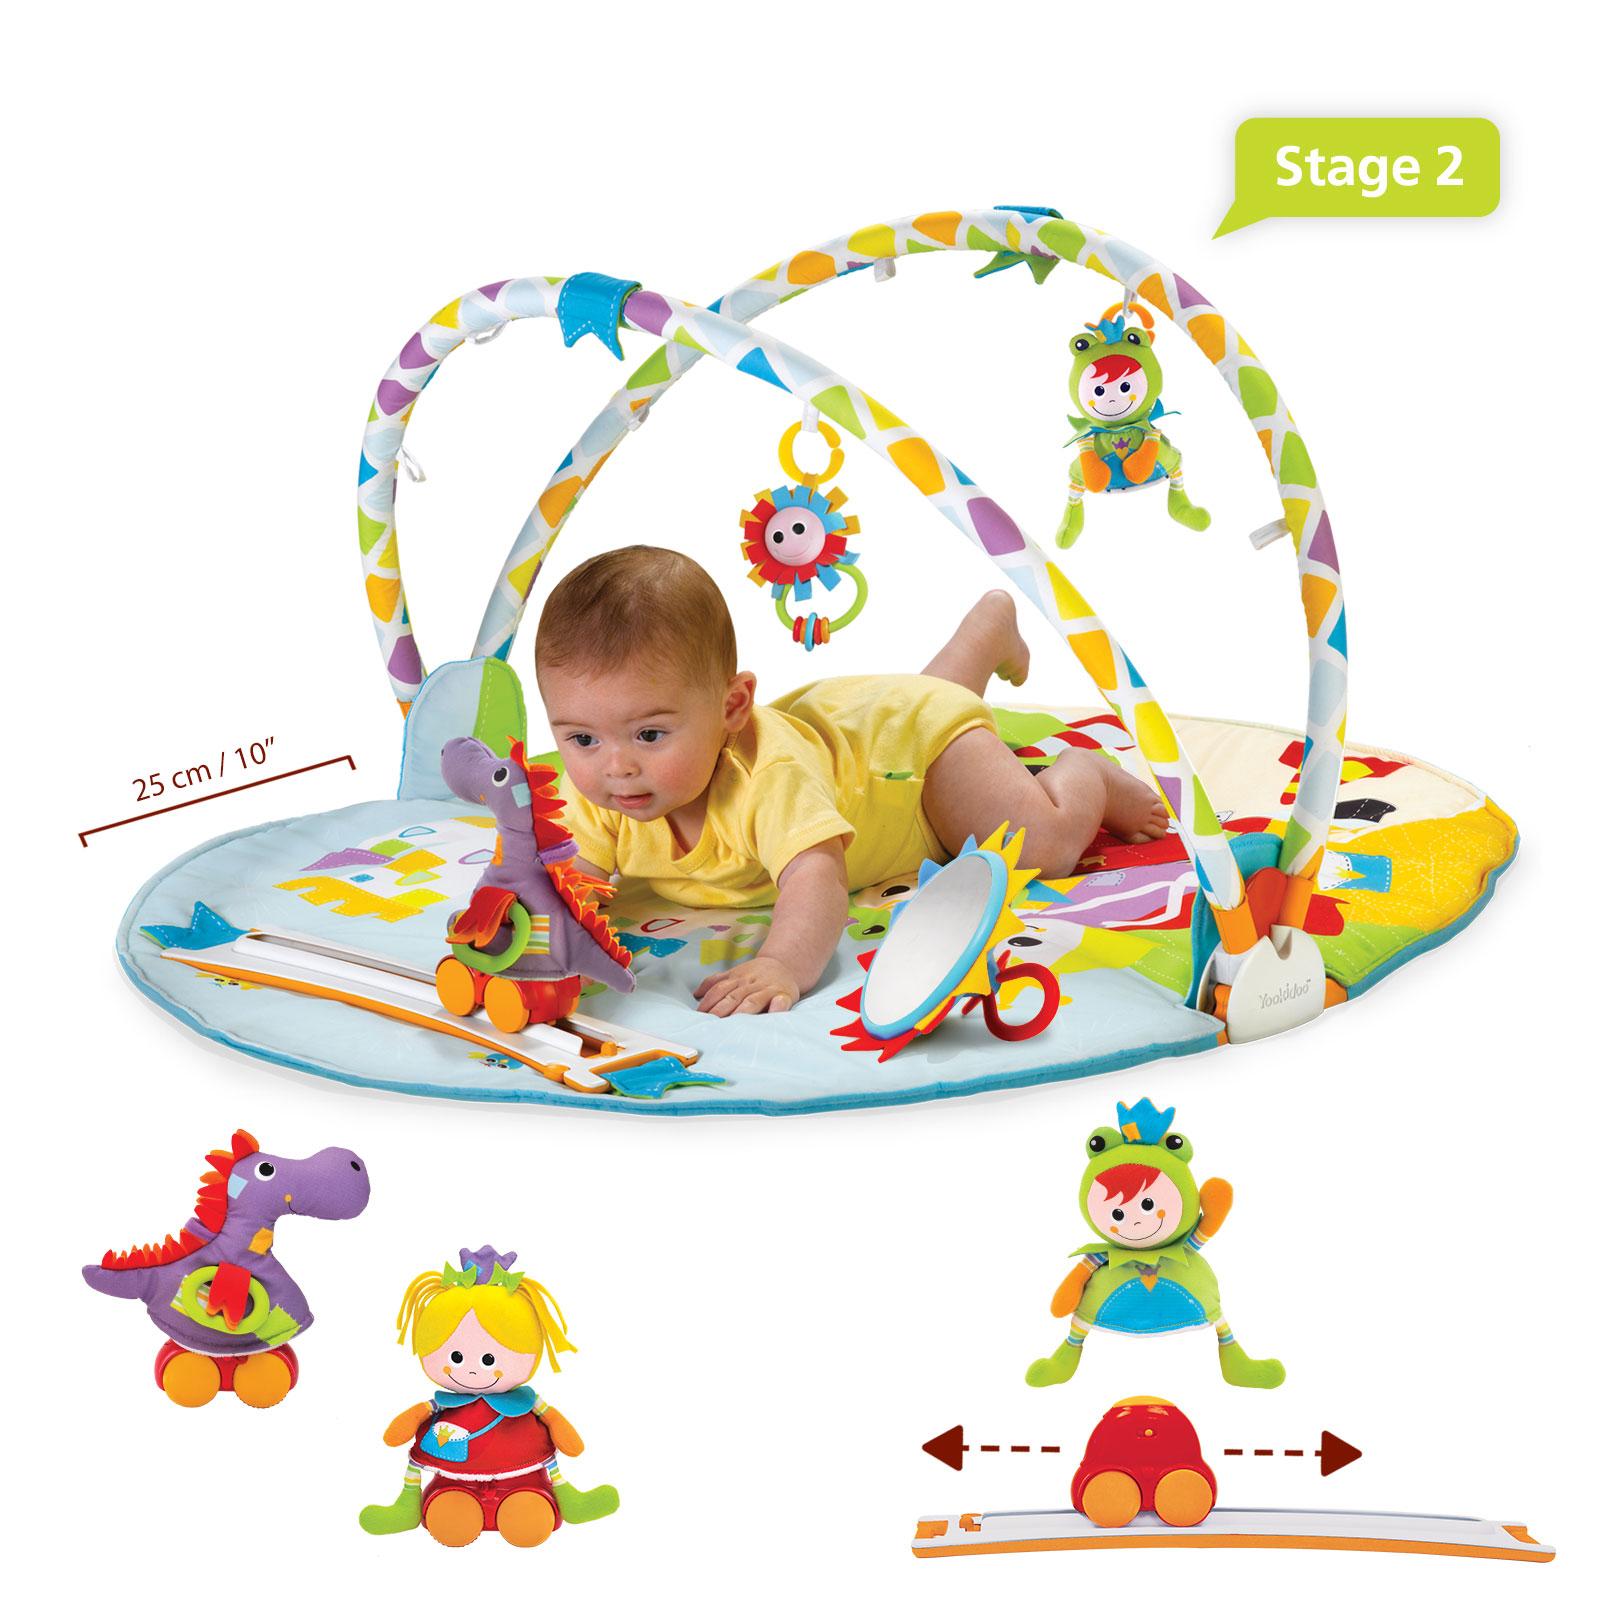 Jucarie centru de joaca cu jucarii mobile si activitati fizice, 0-12 luni, yookidoo